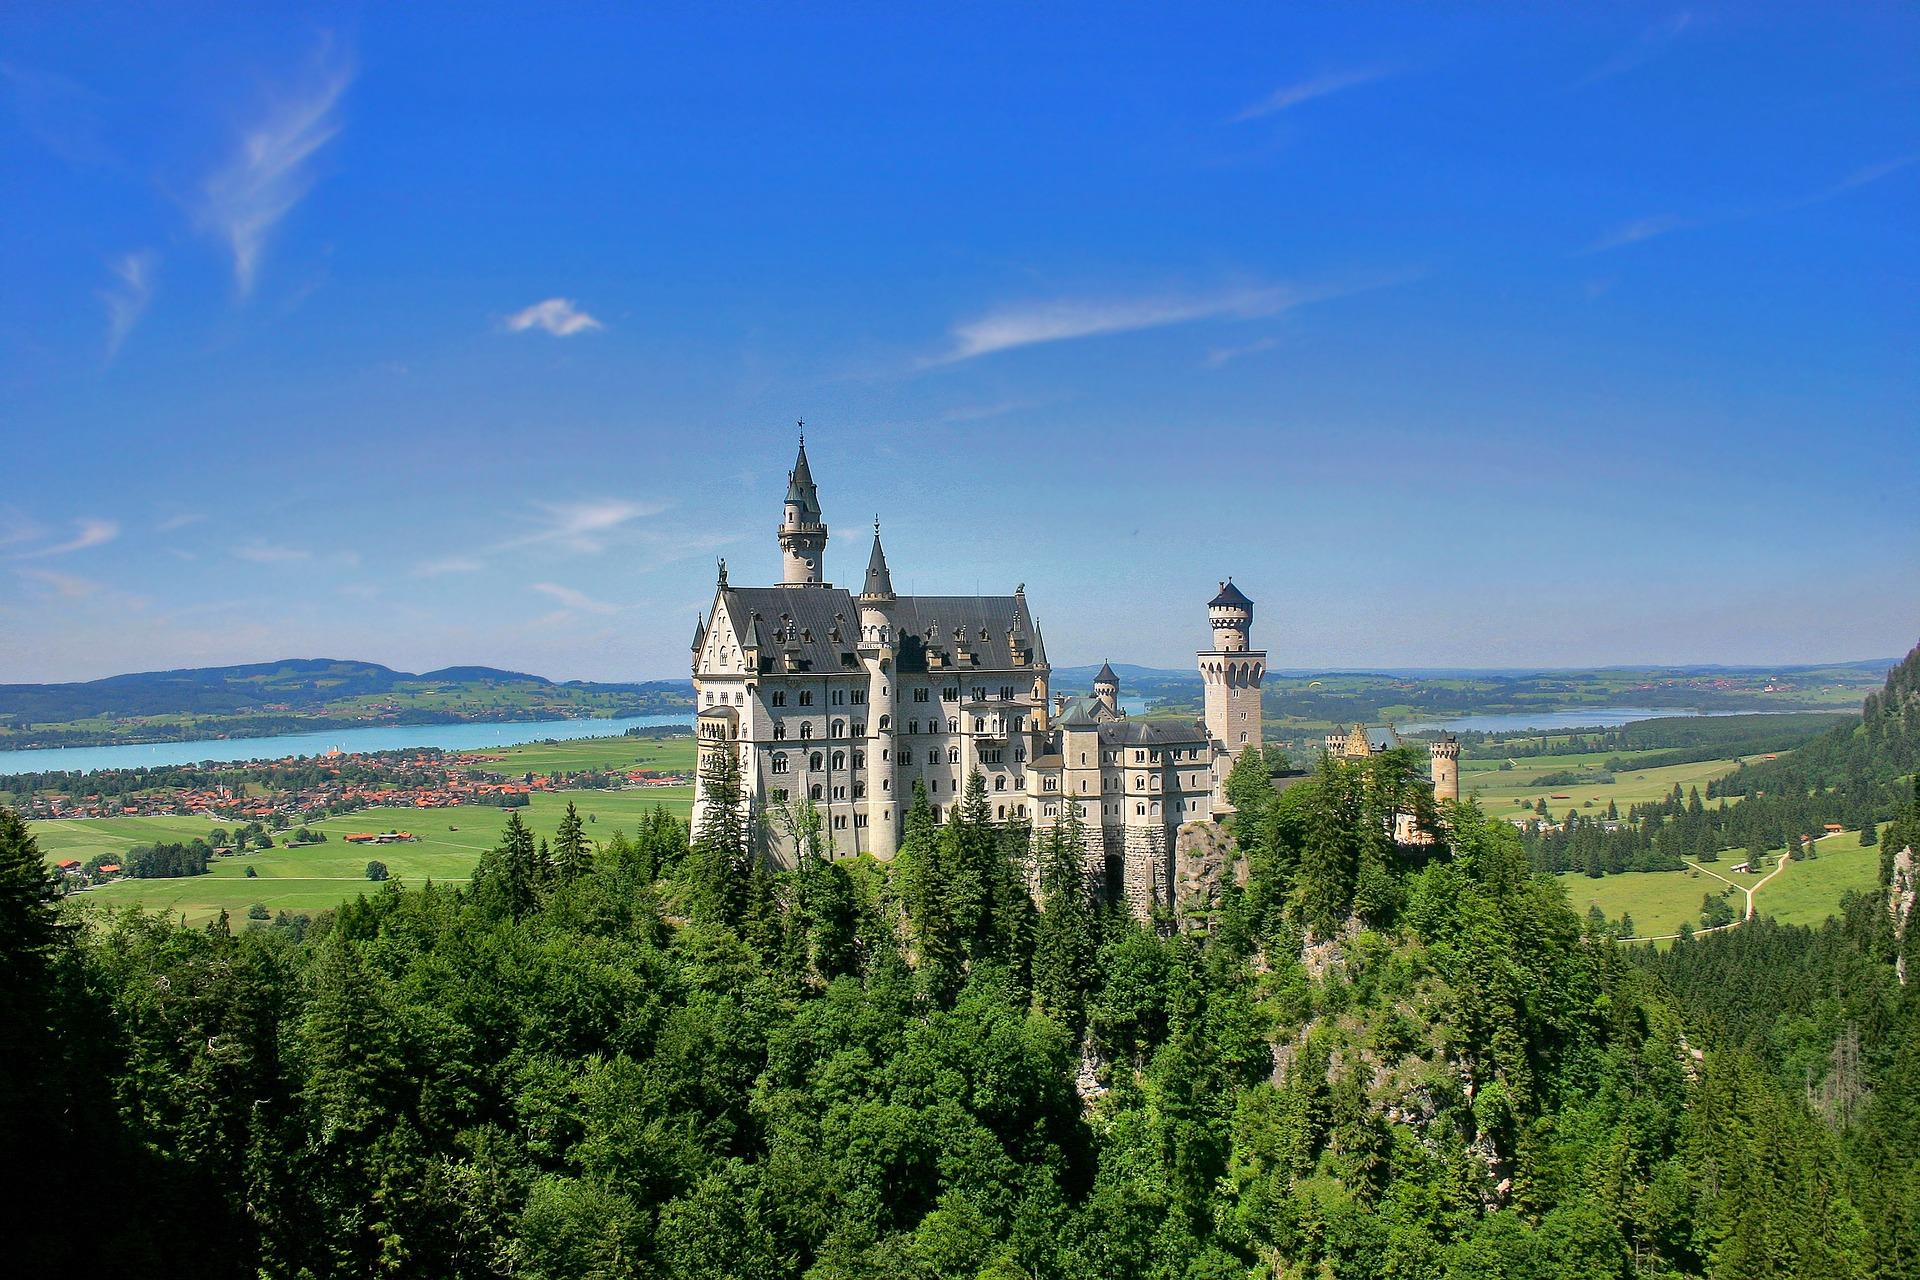 neuschwanstein-chateau-baviere.jpg?1543154174